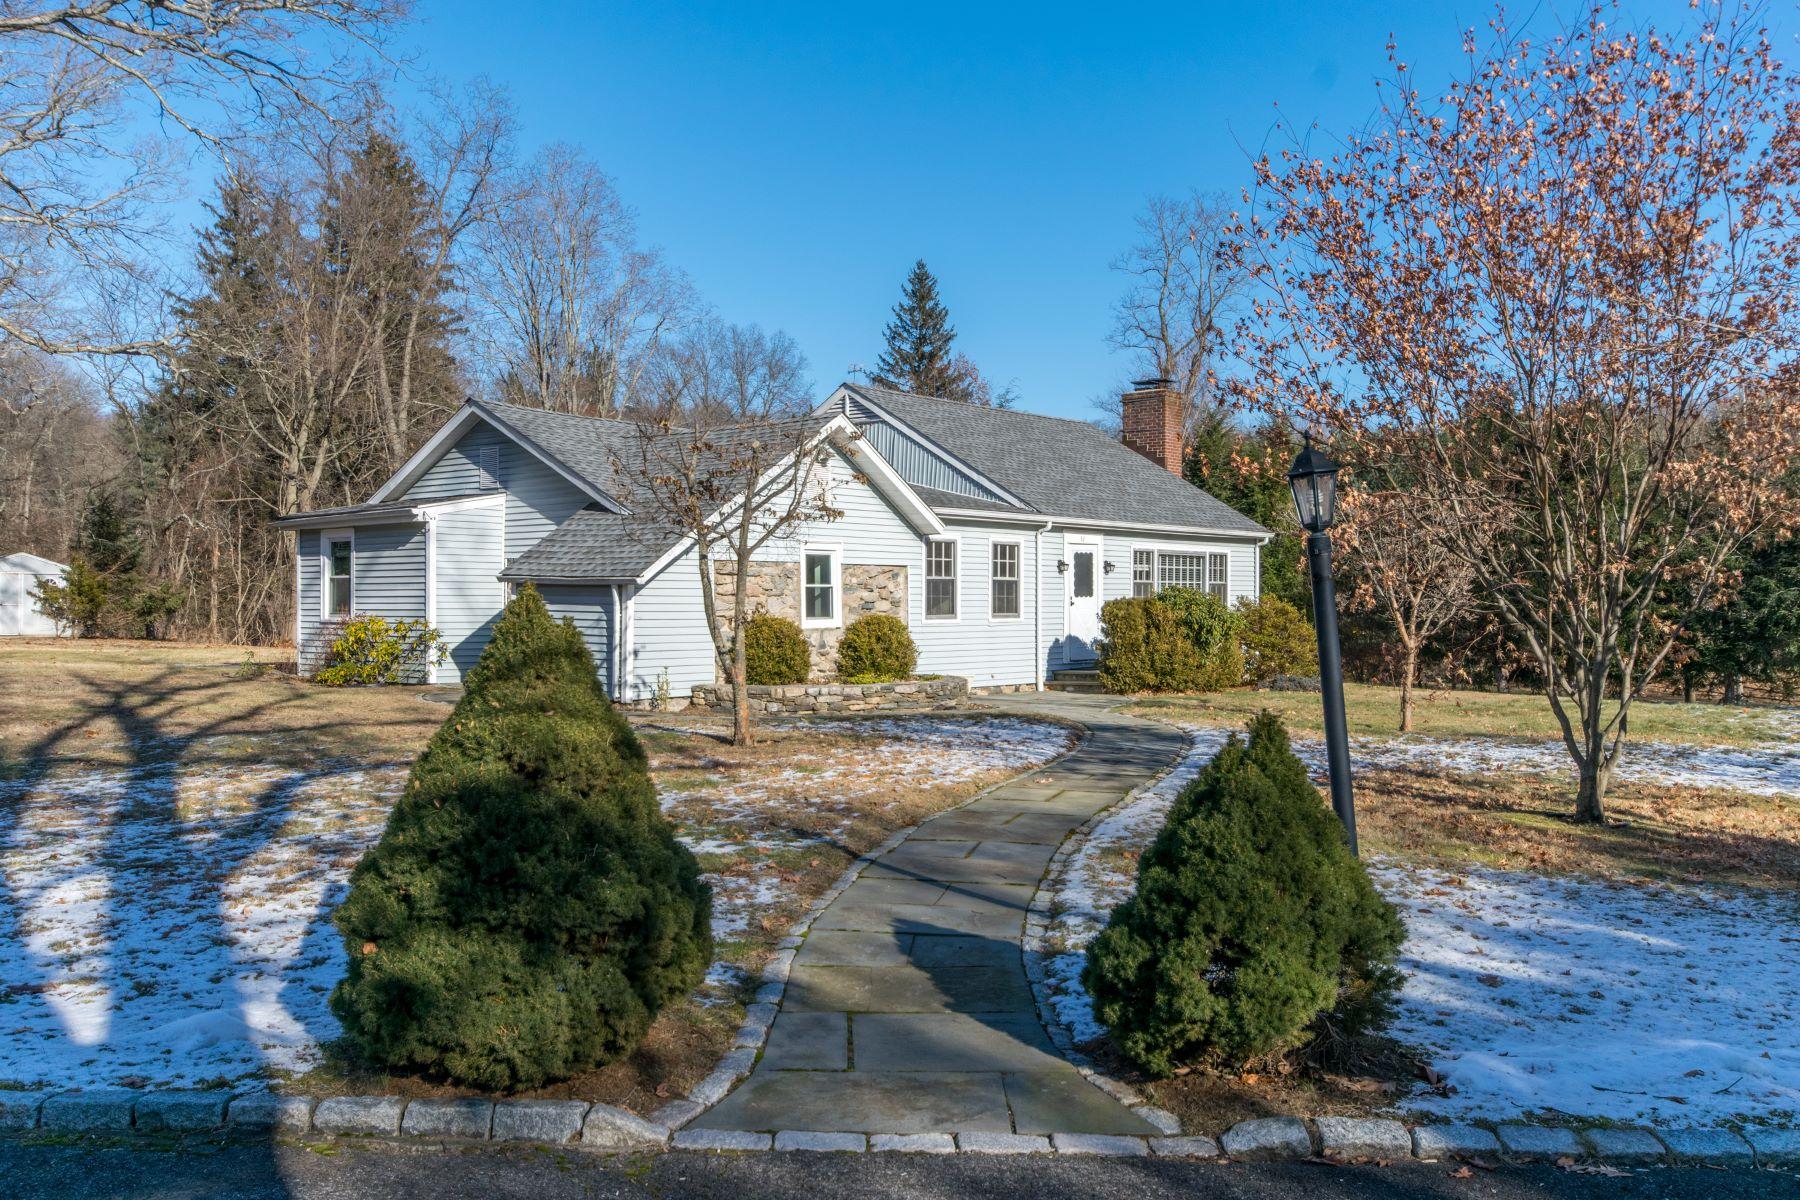 Частный односемейный дом для того Аренда на 32 Knapp Lane New Canaan, Коннектикут, 06840 Соединенные Штаты